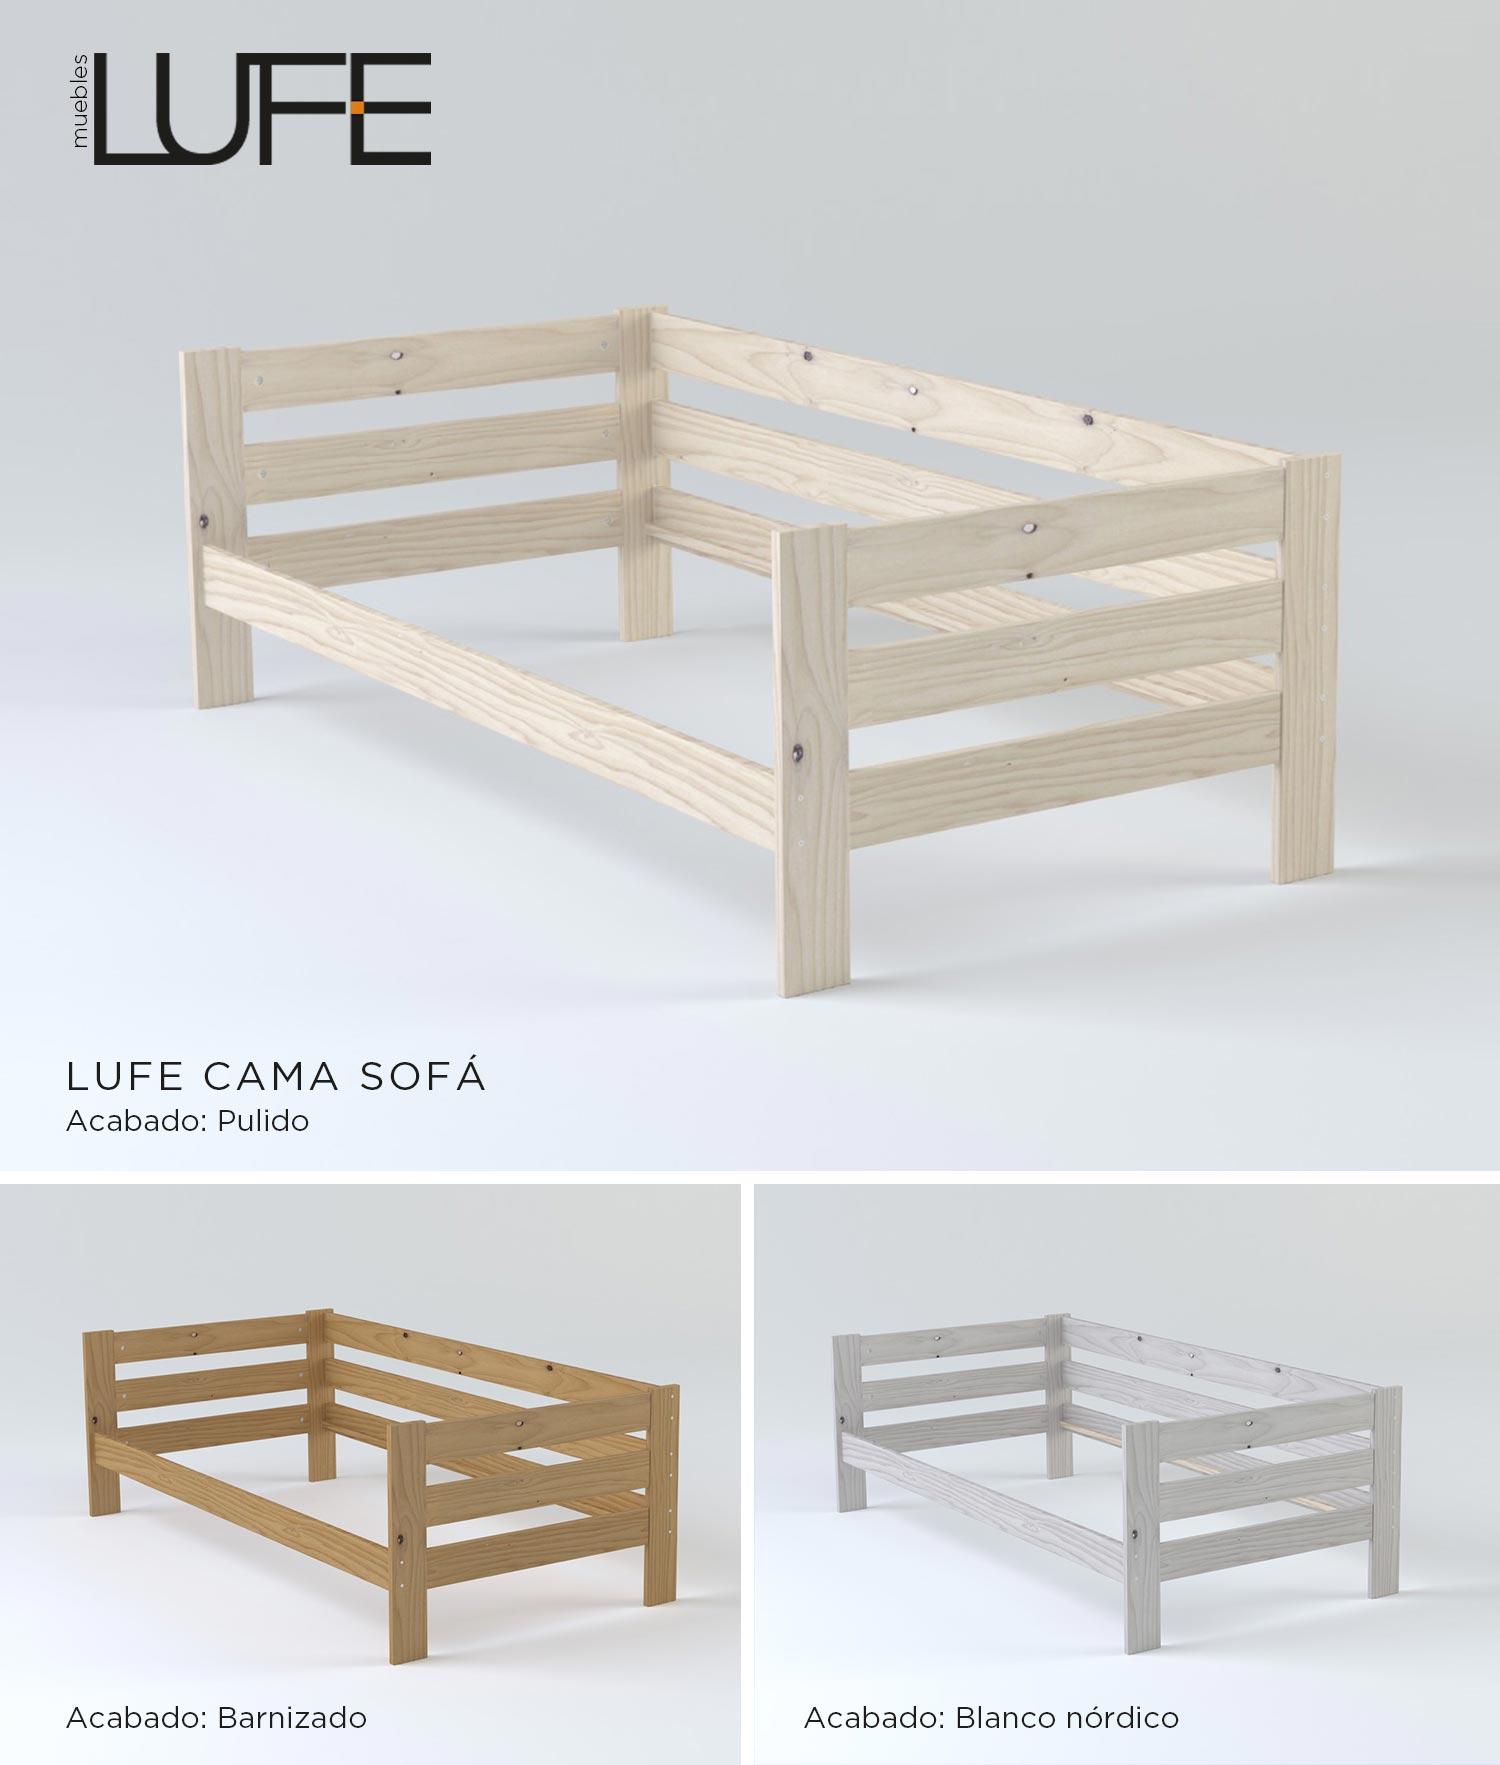 Comprar sof cama barato de madera ecol gica pulida barnizada o blanco n rdico - Muebles nordicos baratos ...